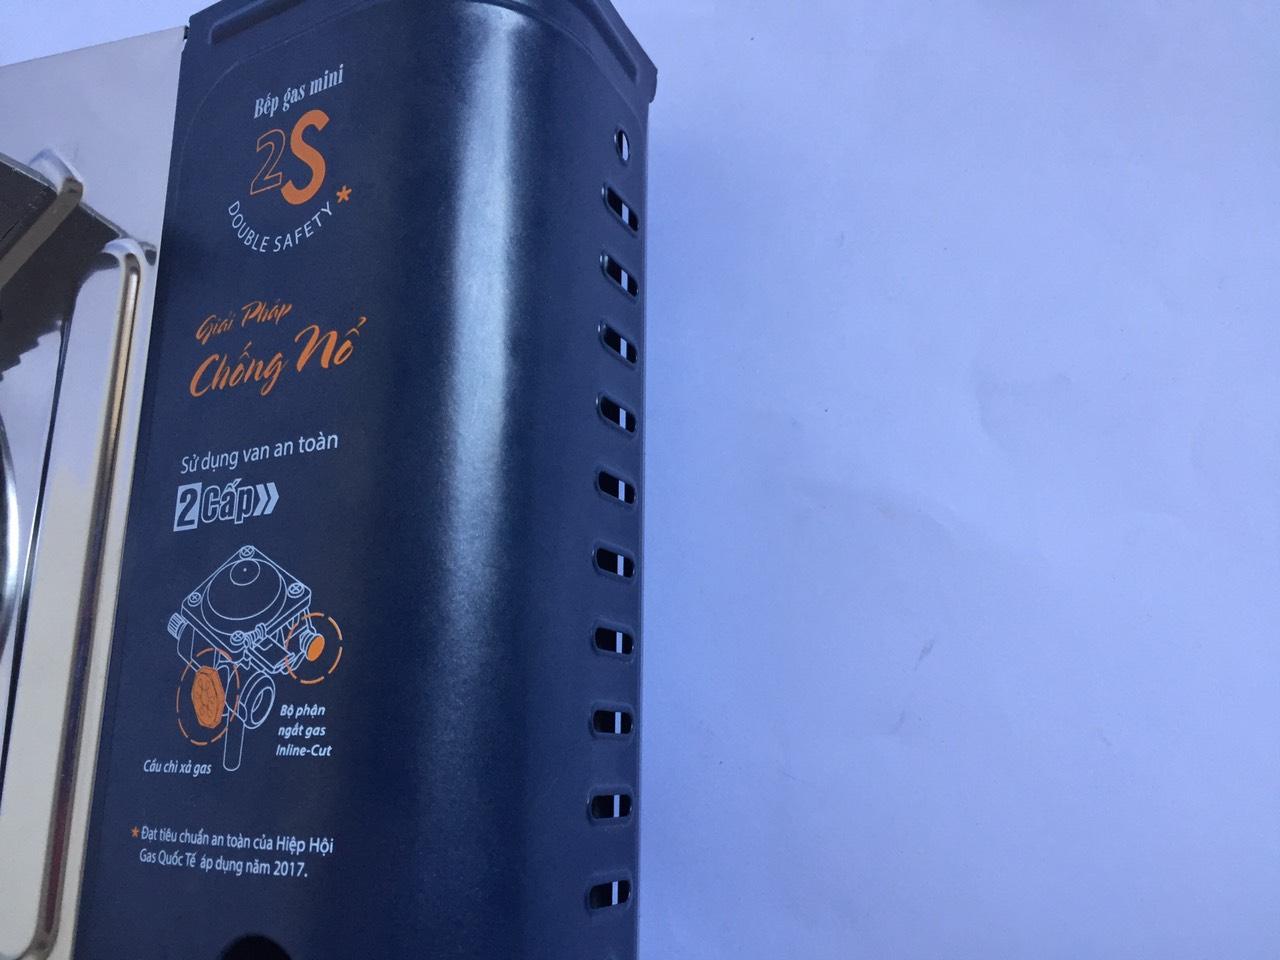 Bếp gas mini cao cấp 2S NaMilux NA-194PS-VN công suất cao 3.4kw, chống nổ(giao màu ngẫu nhiên) - Hàng chính hãng